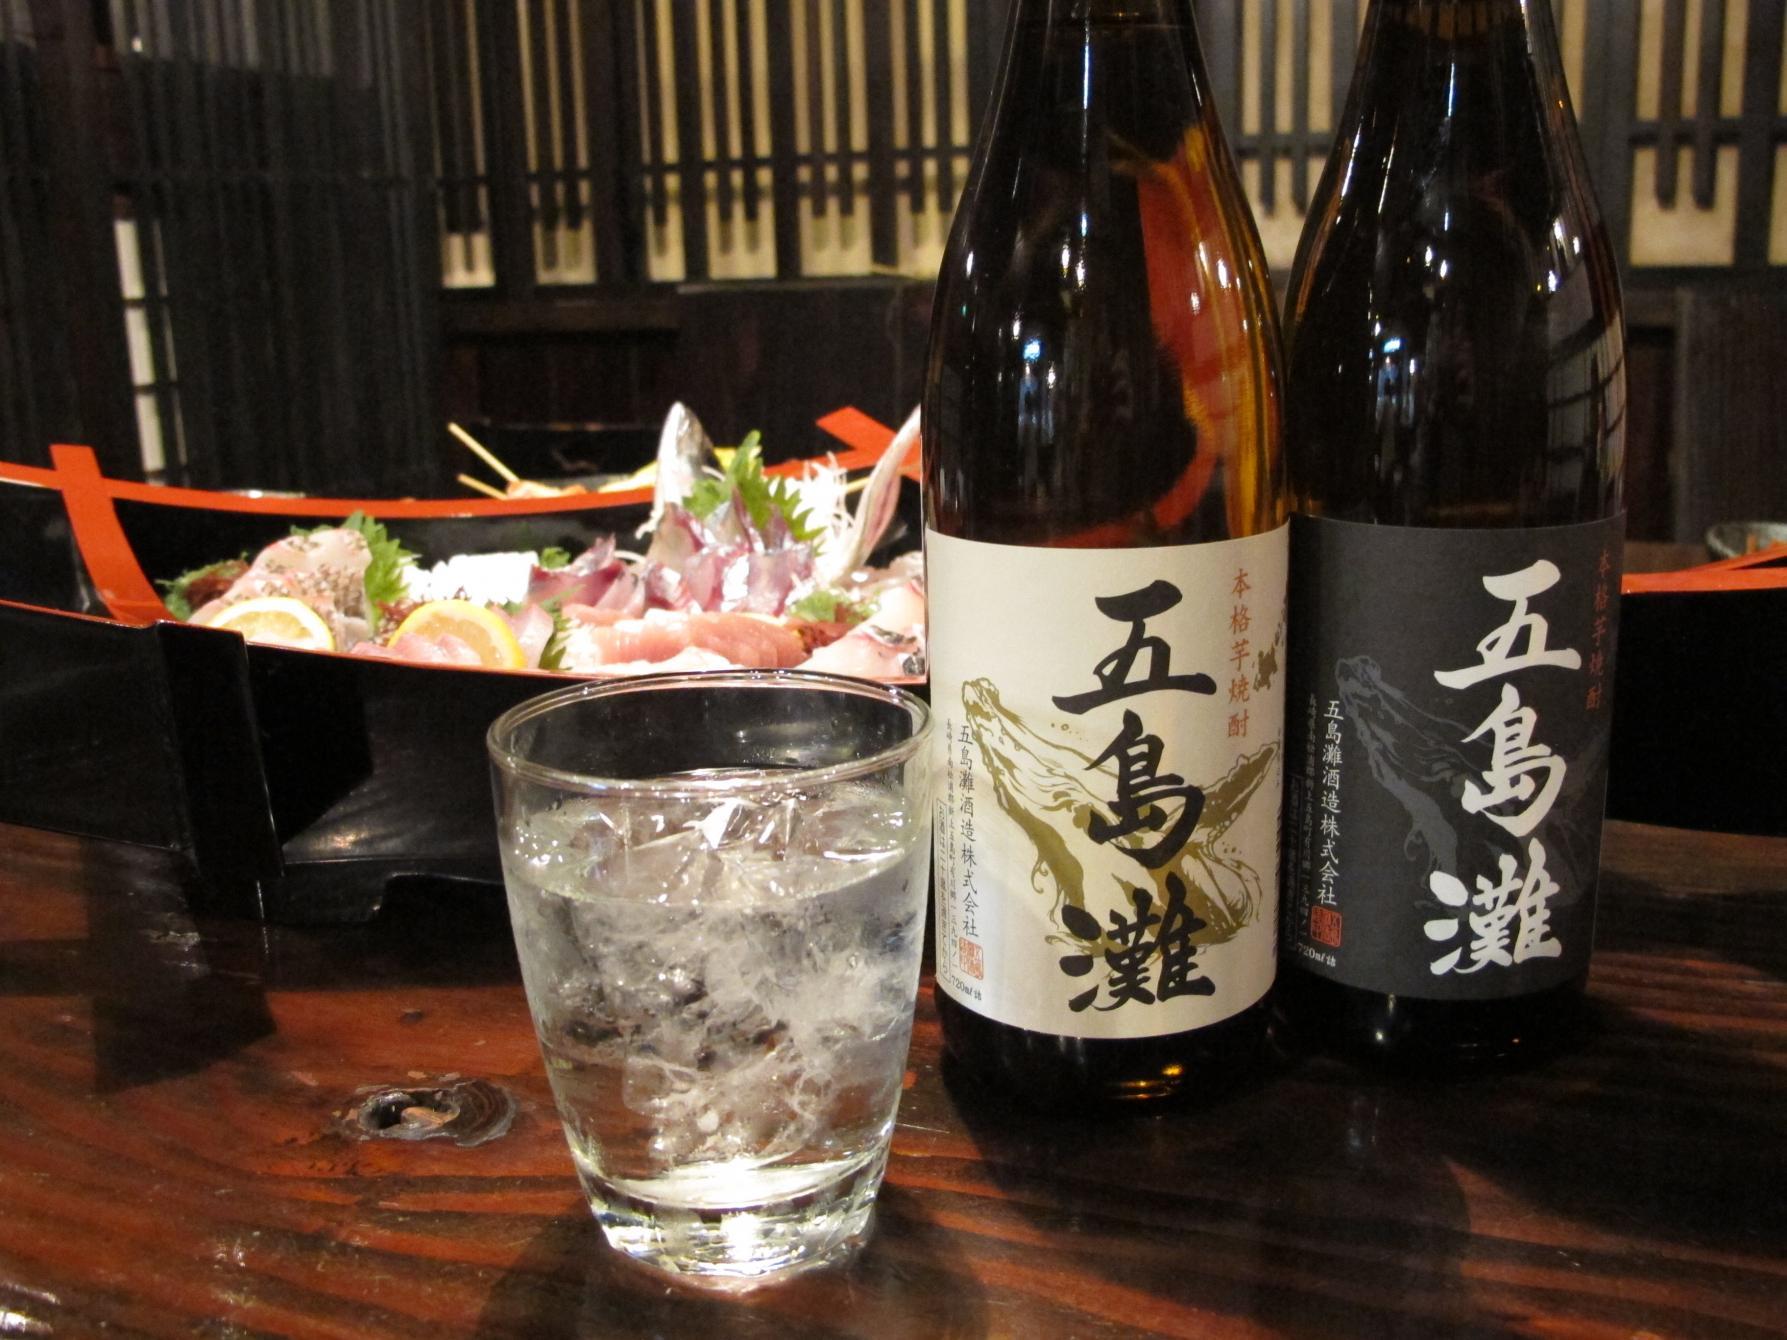 五島列島初の本格芋焼酎の蔵元「五島灘酒造」年々進化していく味わいを堪能-0